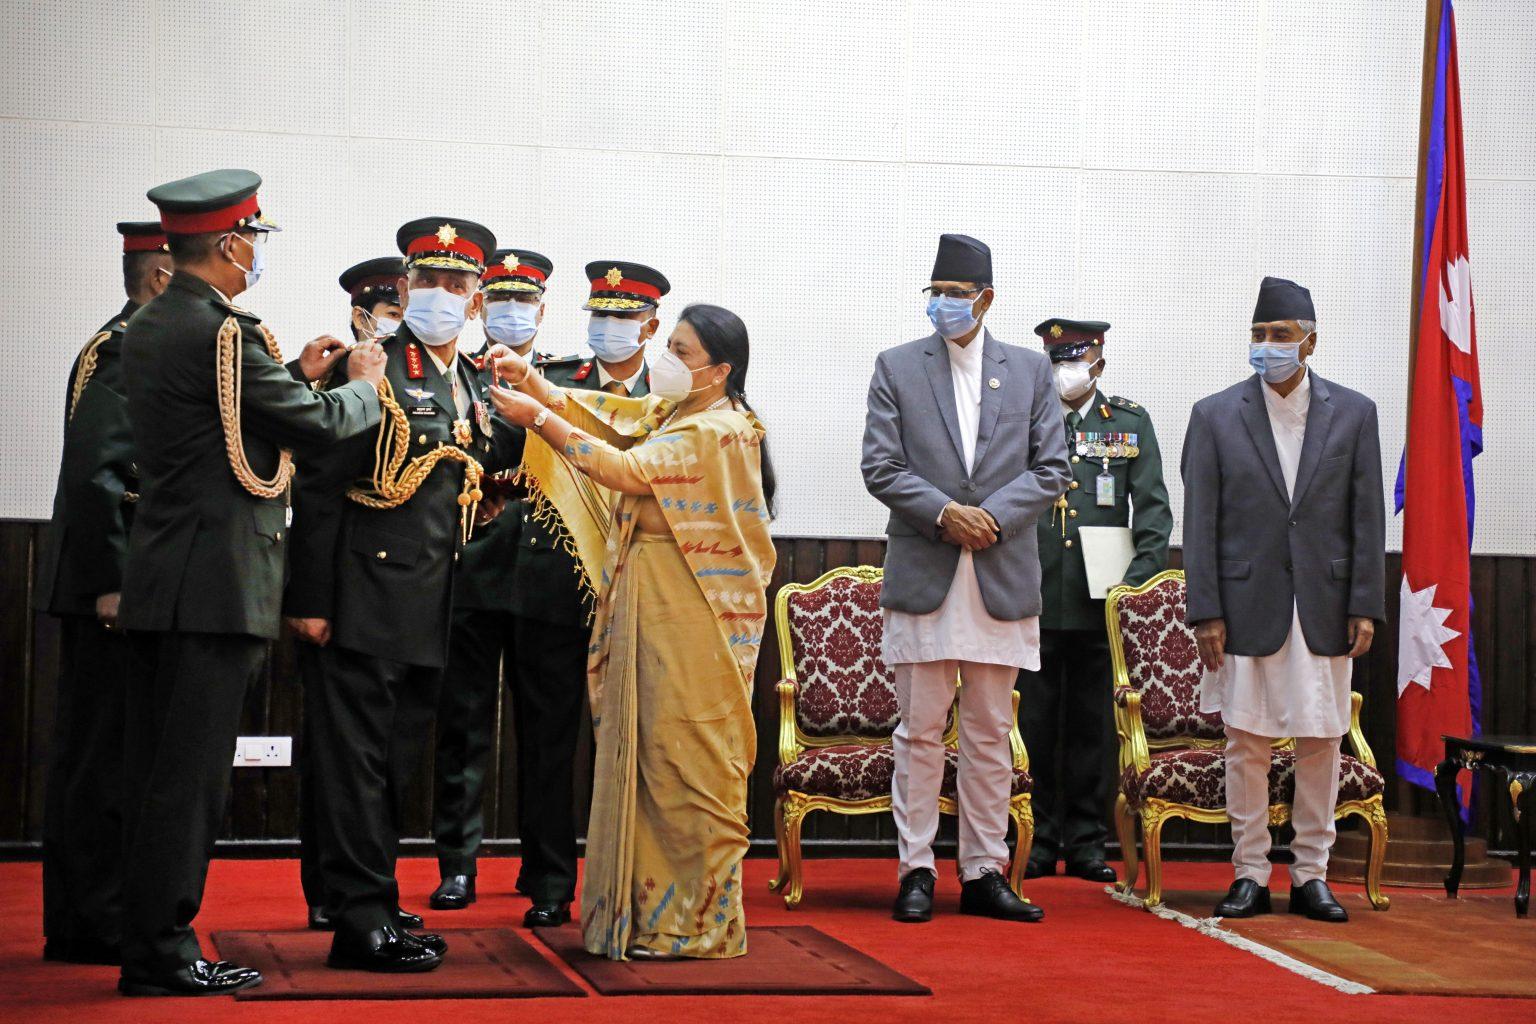 राष्ट्रपति भण्डारीद्वारा नवनियुक्त प्रधानसेनापति शर्मालाई दर्ज्यानी चिह्न प्रदान